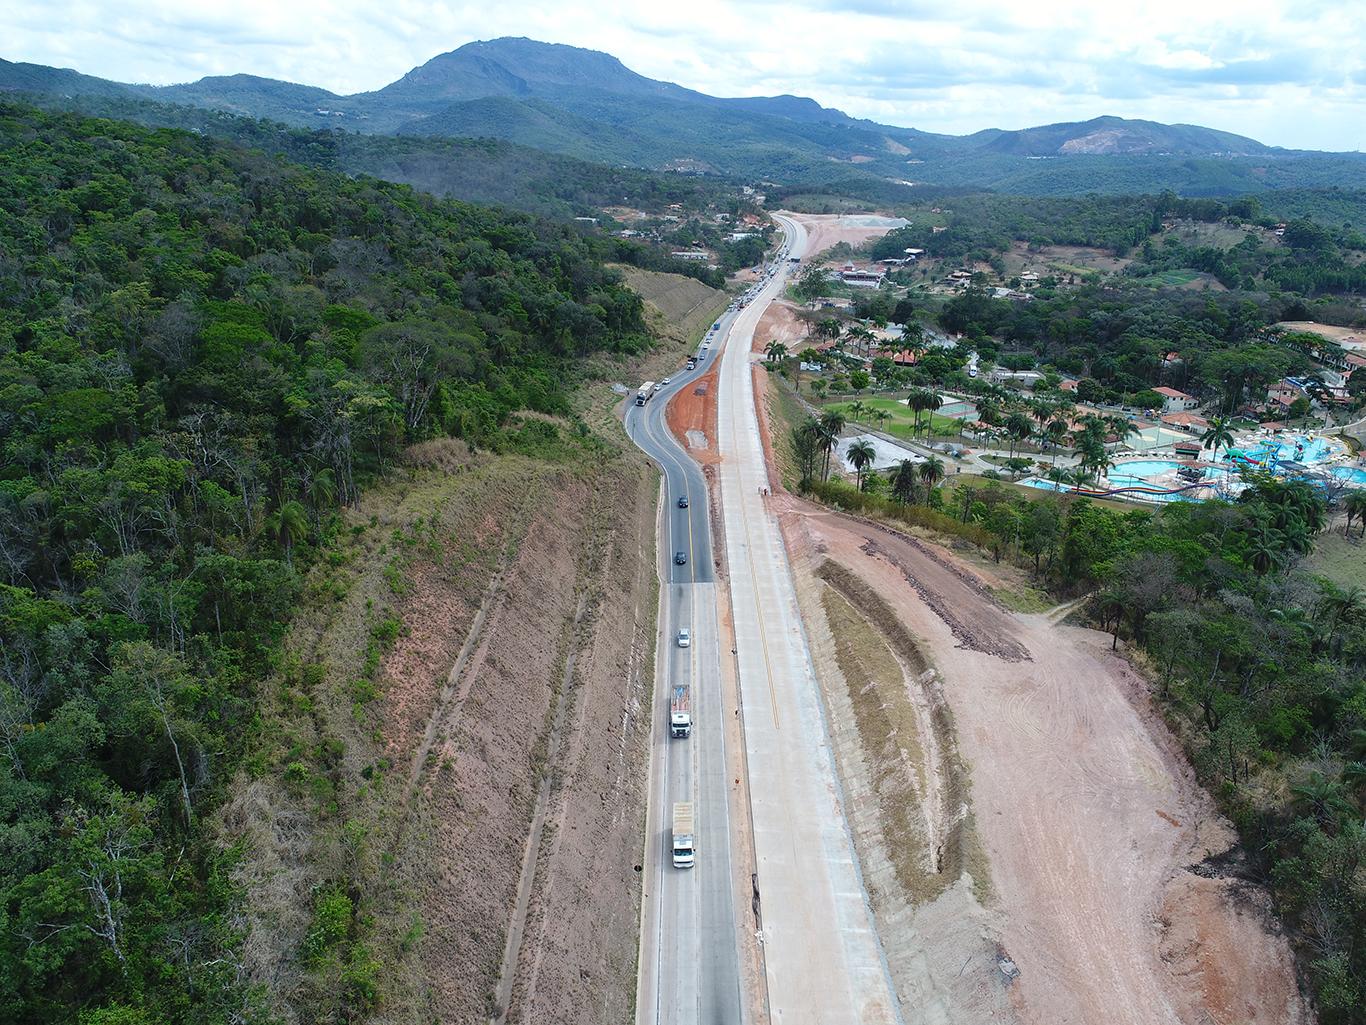 Trevo de Taquaraçu de Minas